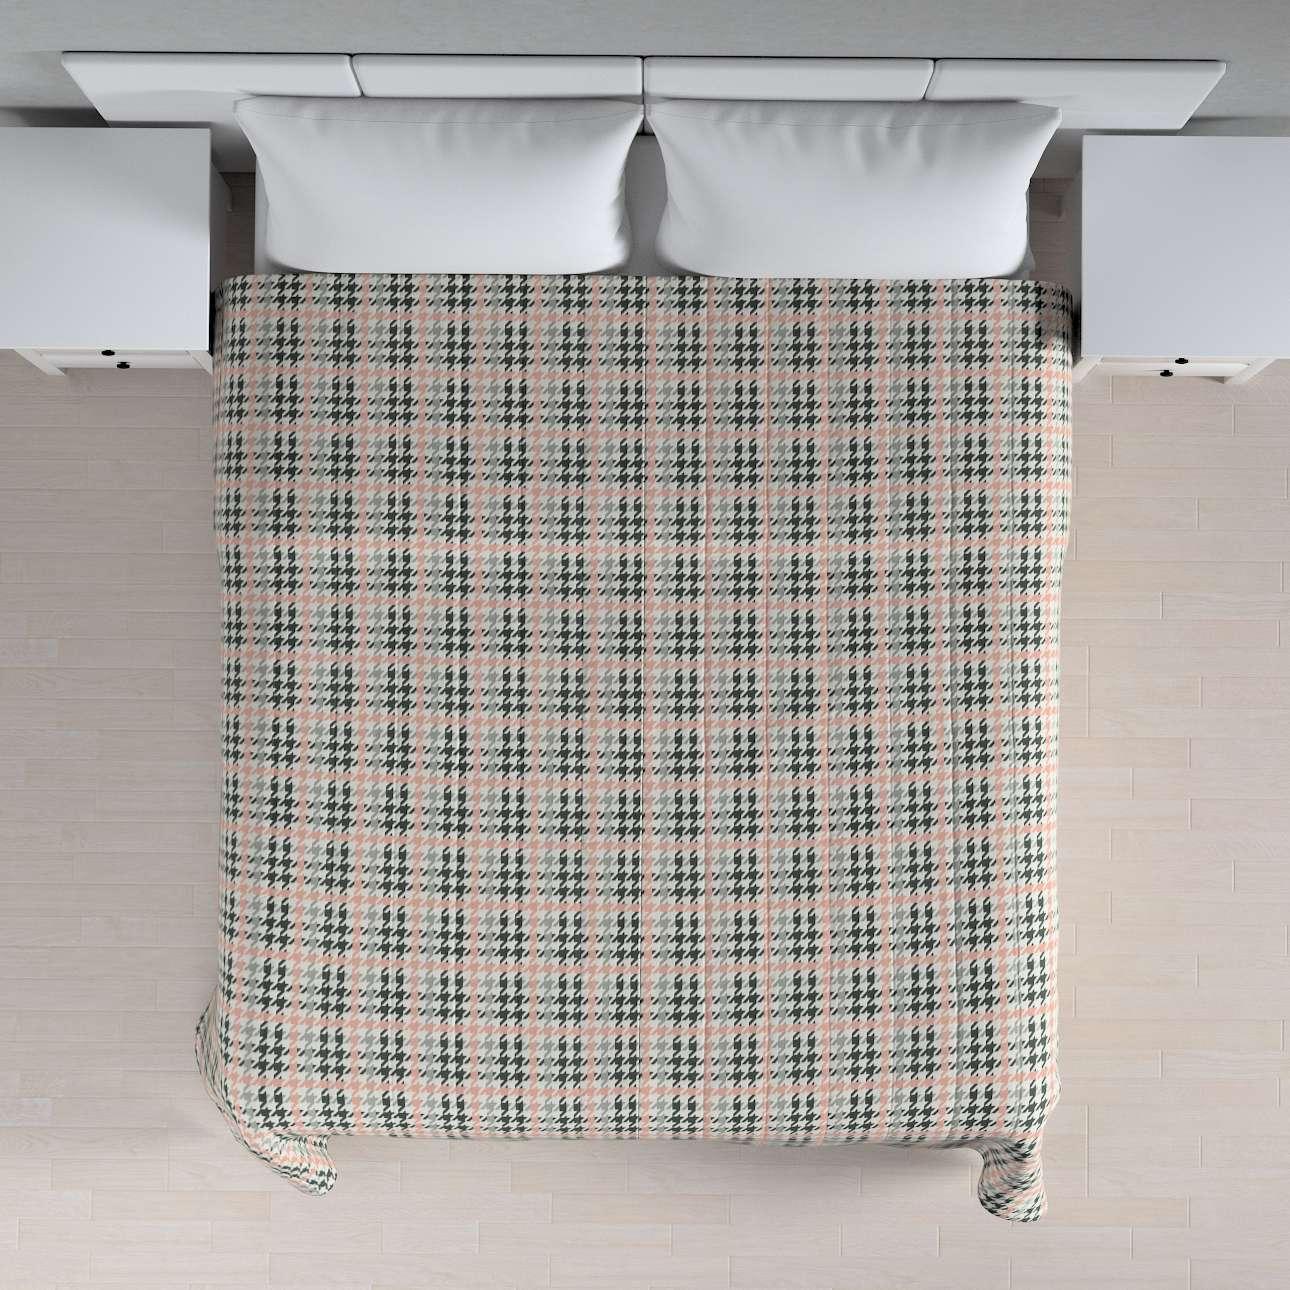 Prehoz na posteľ jednoduchý 260 x 210 cm V kolekcii Brooklyn, tkanina: 137-75